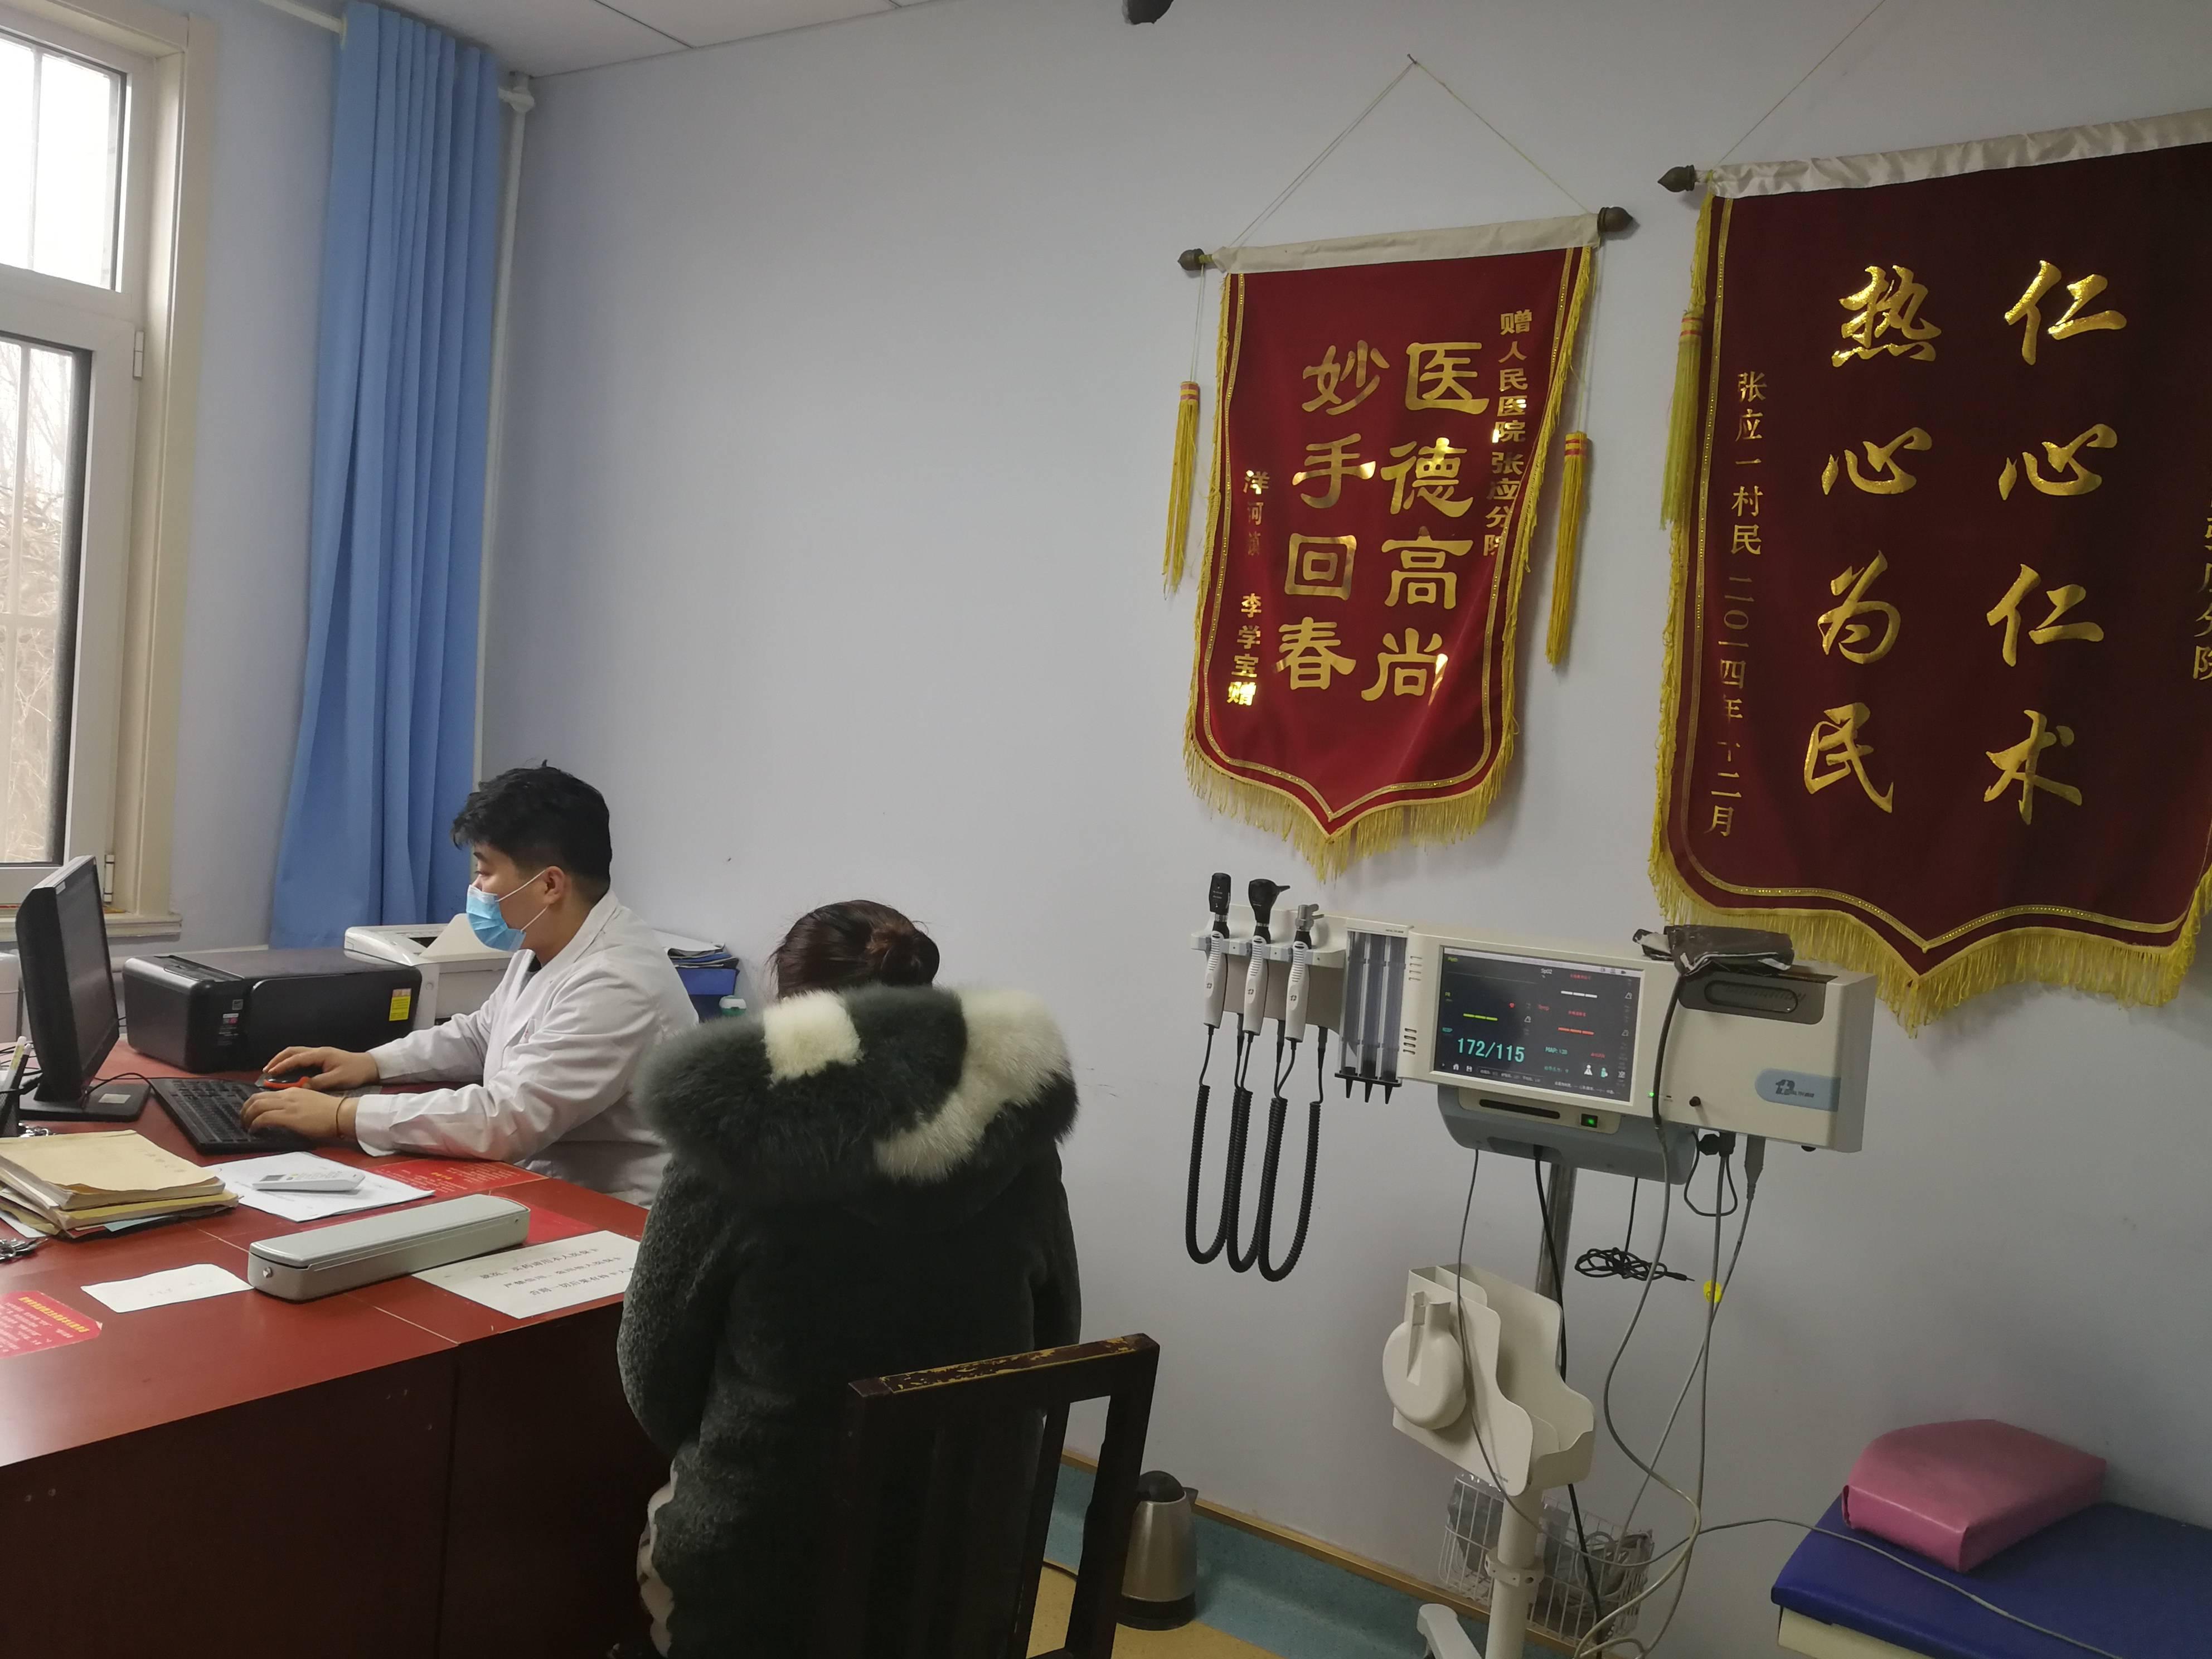 山东胶州:新时代文明实践中心685名志愿者 开展疫情防控心理疏导服务